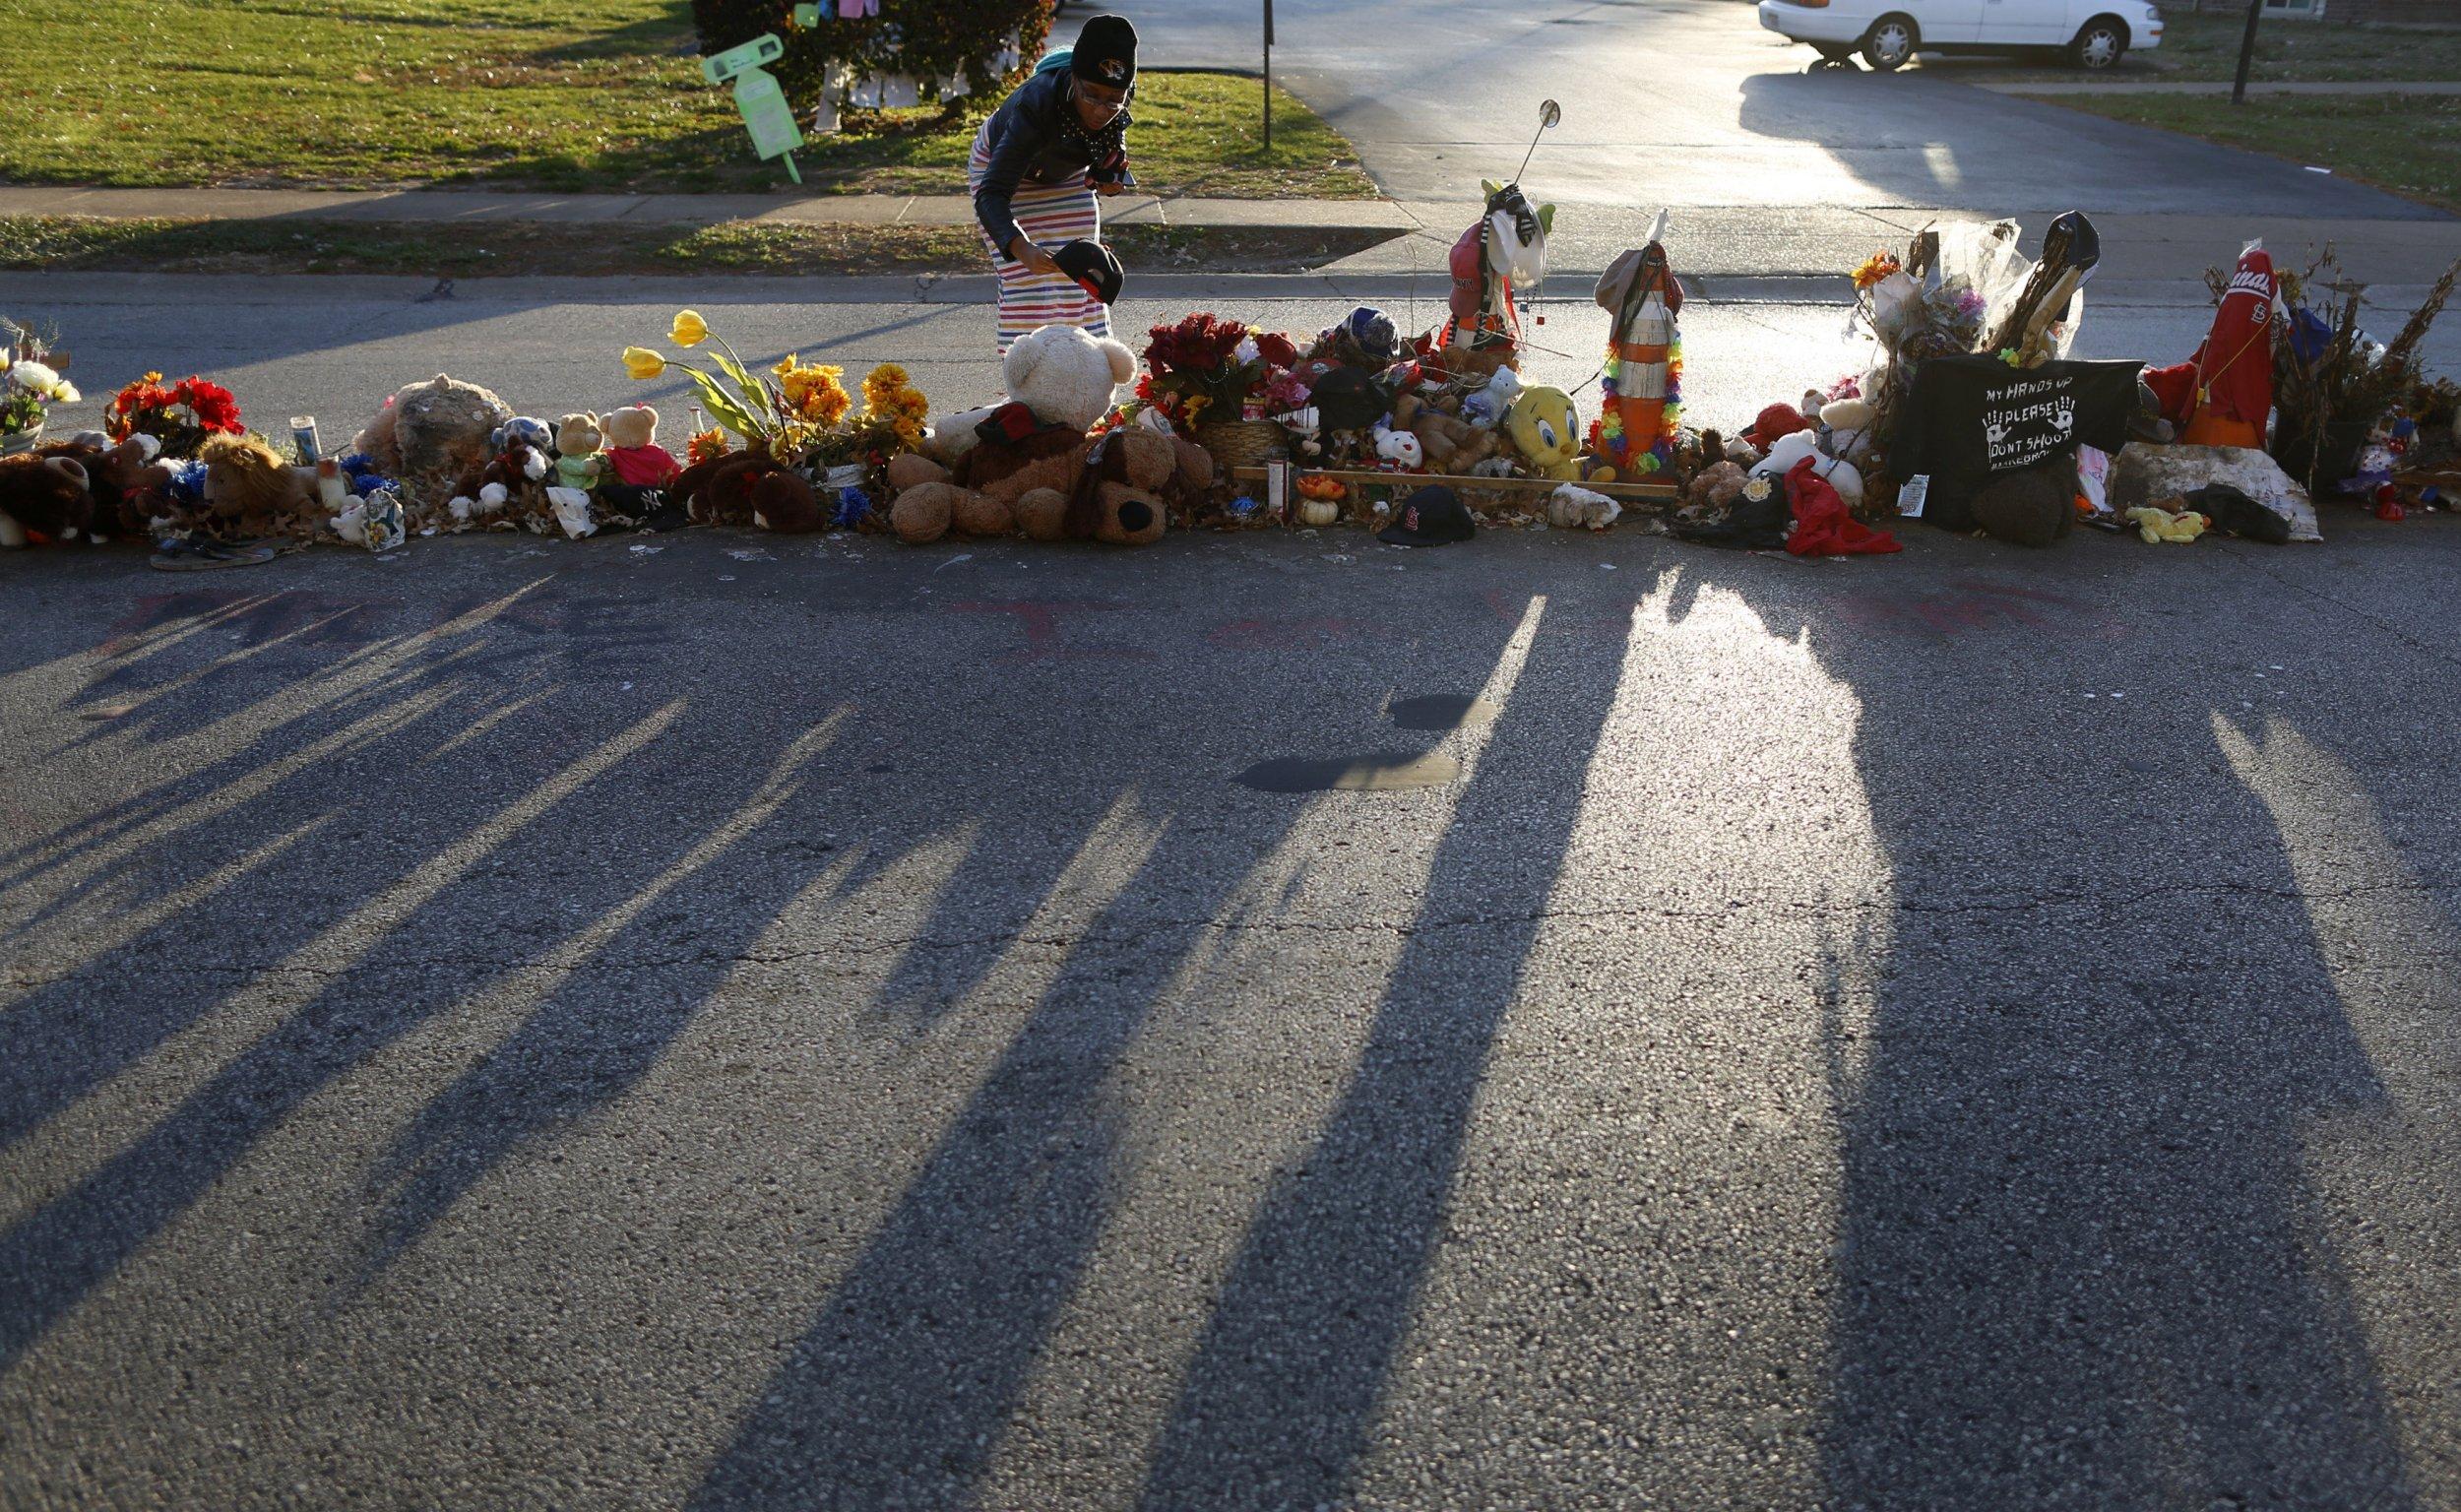 12-29-14 Mike Brown memorial